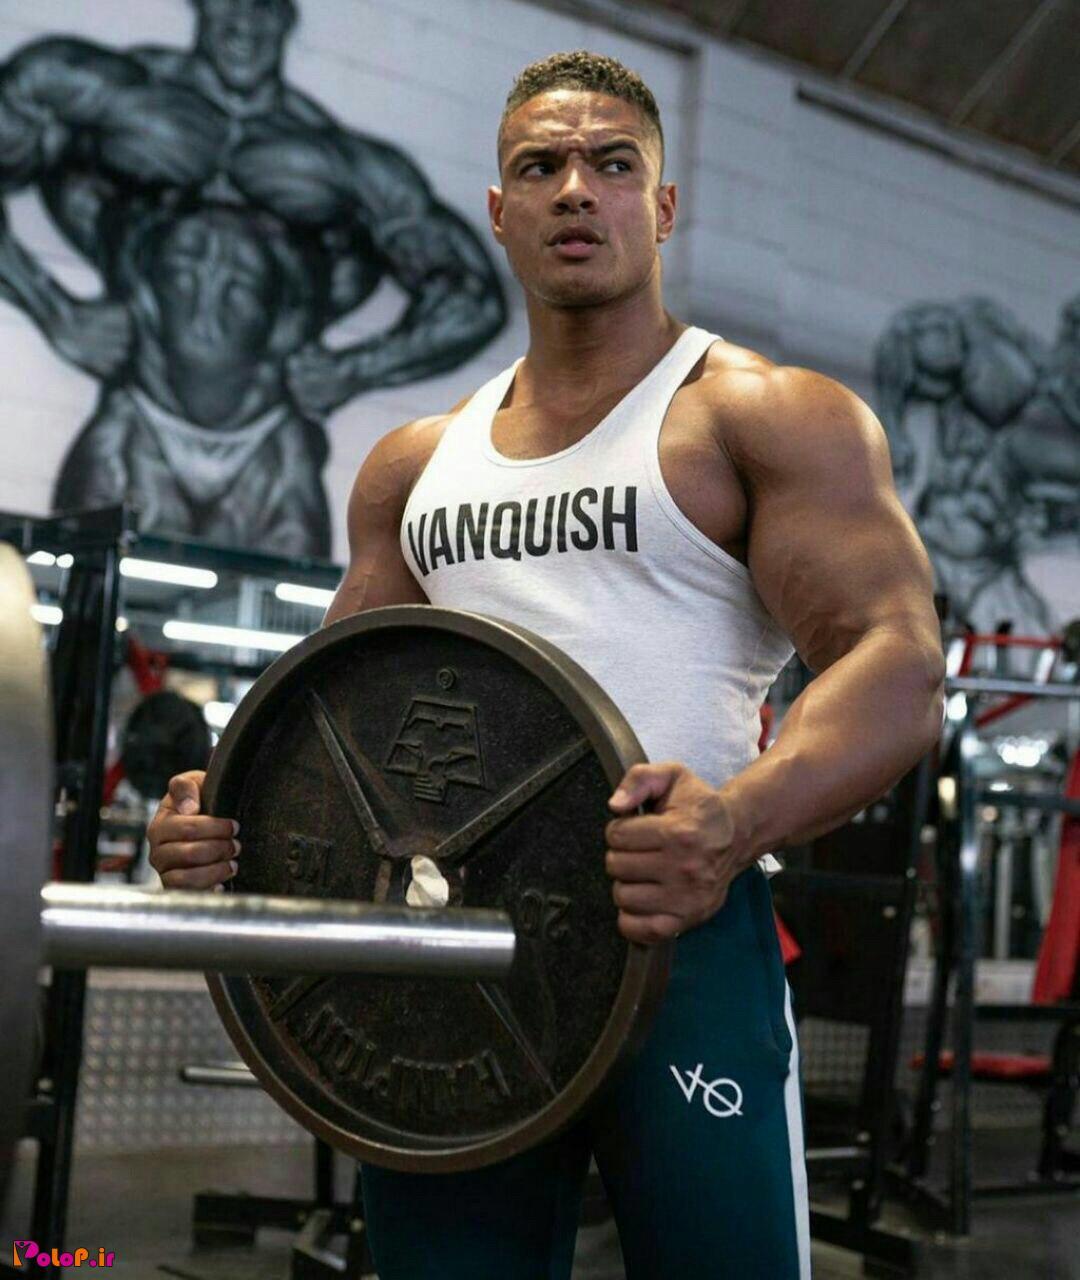 هر چقدر درباشگاه بیشتر خودتان را خسته کنید و مدت زمان تمرین را طولانیتر شود، بجای عضلهسازی، عضلهسوزی خواهید داشت!